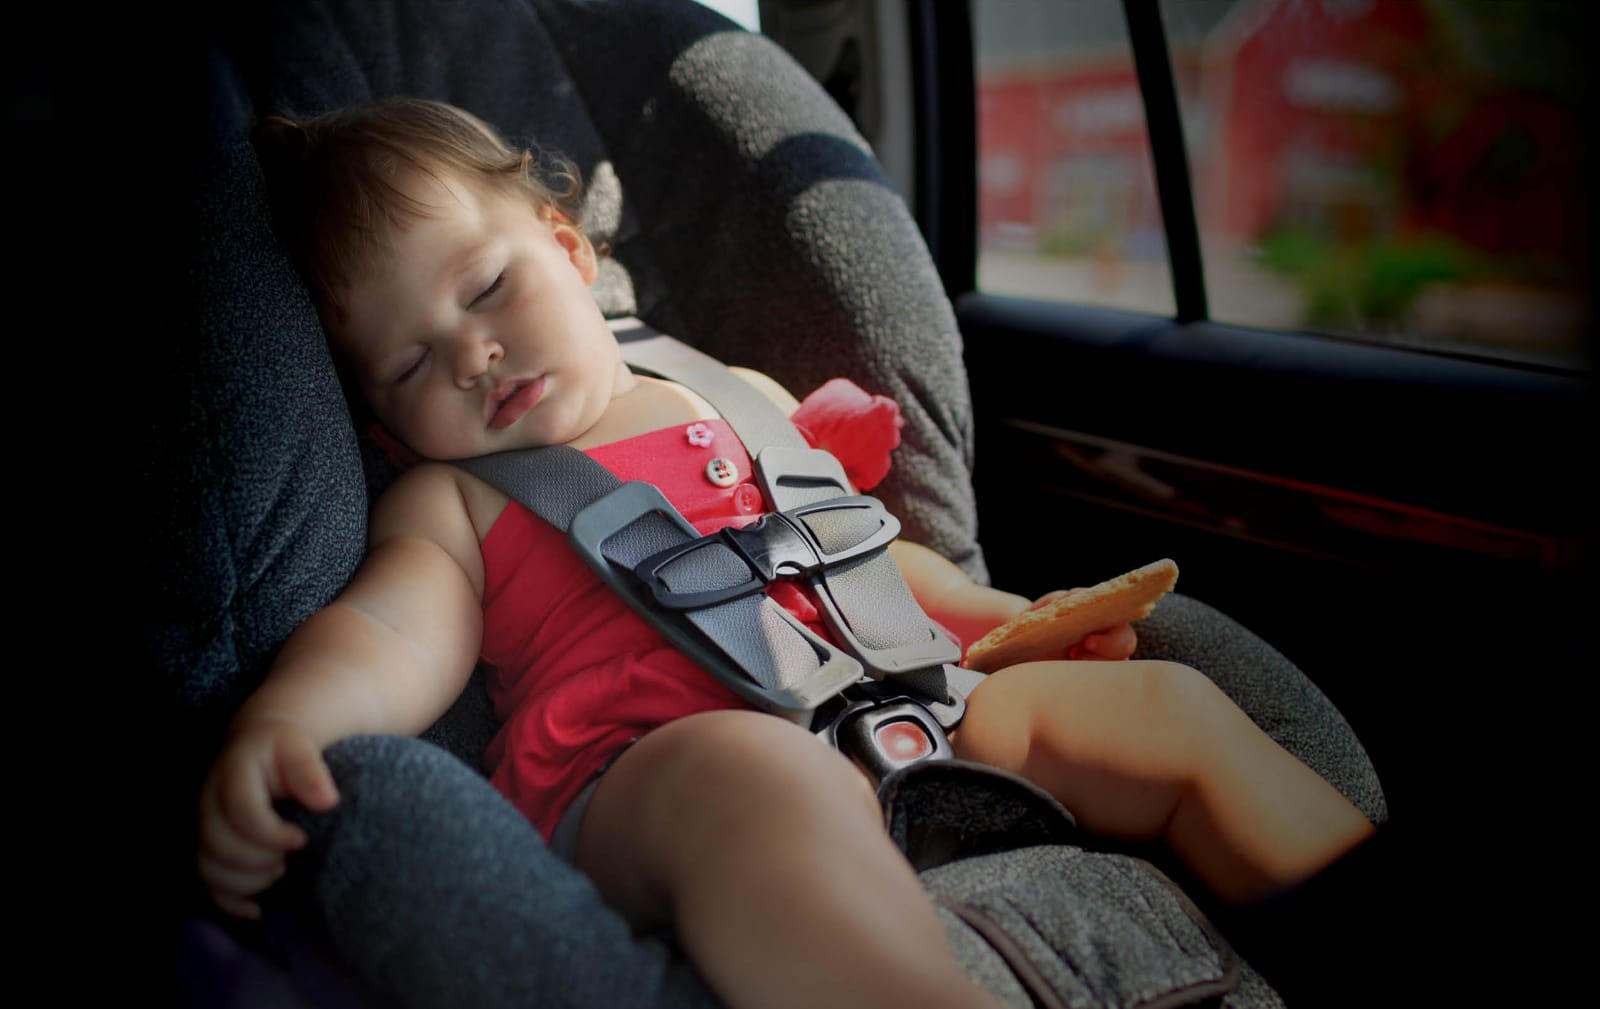 מערכת הכפתור משיקה את BABY למניעת שיכחת ילדים ברכב